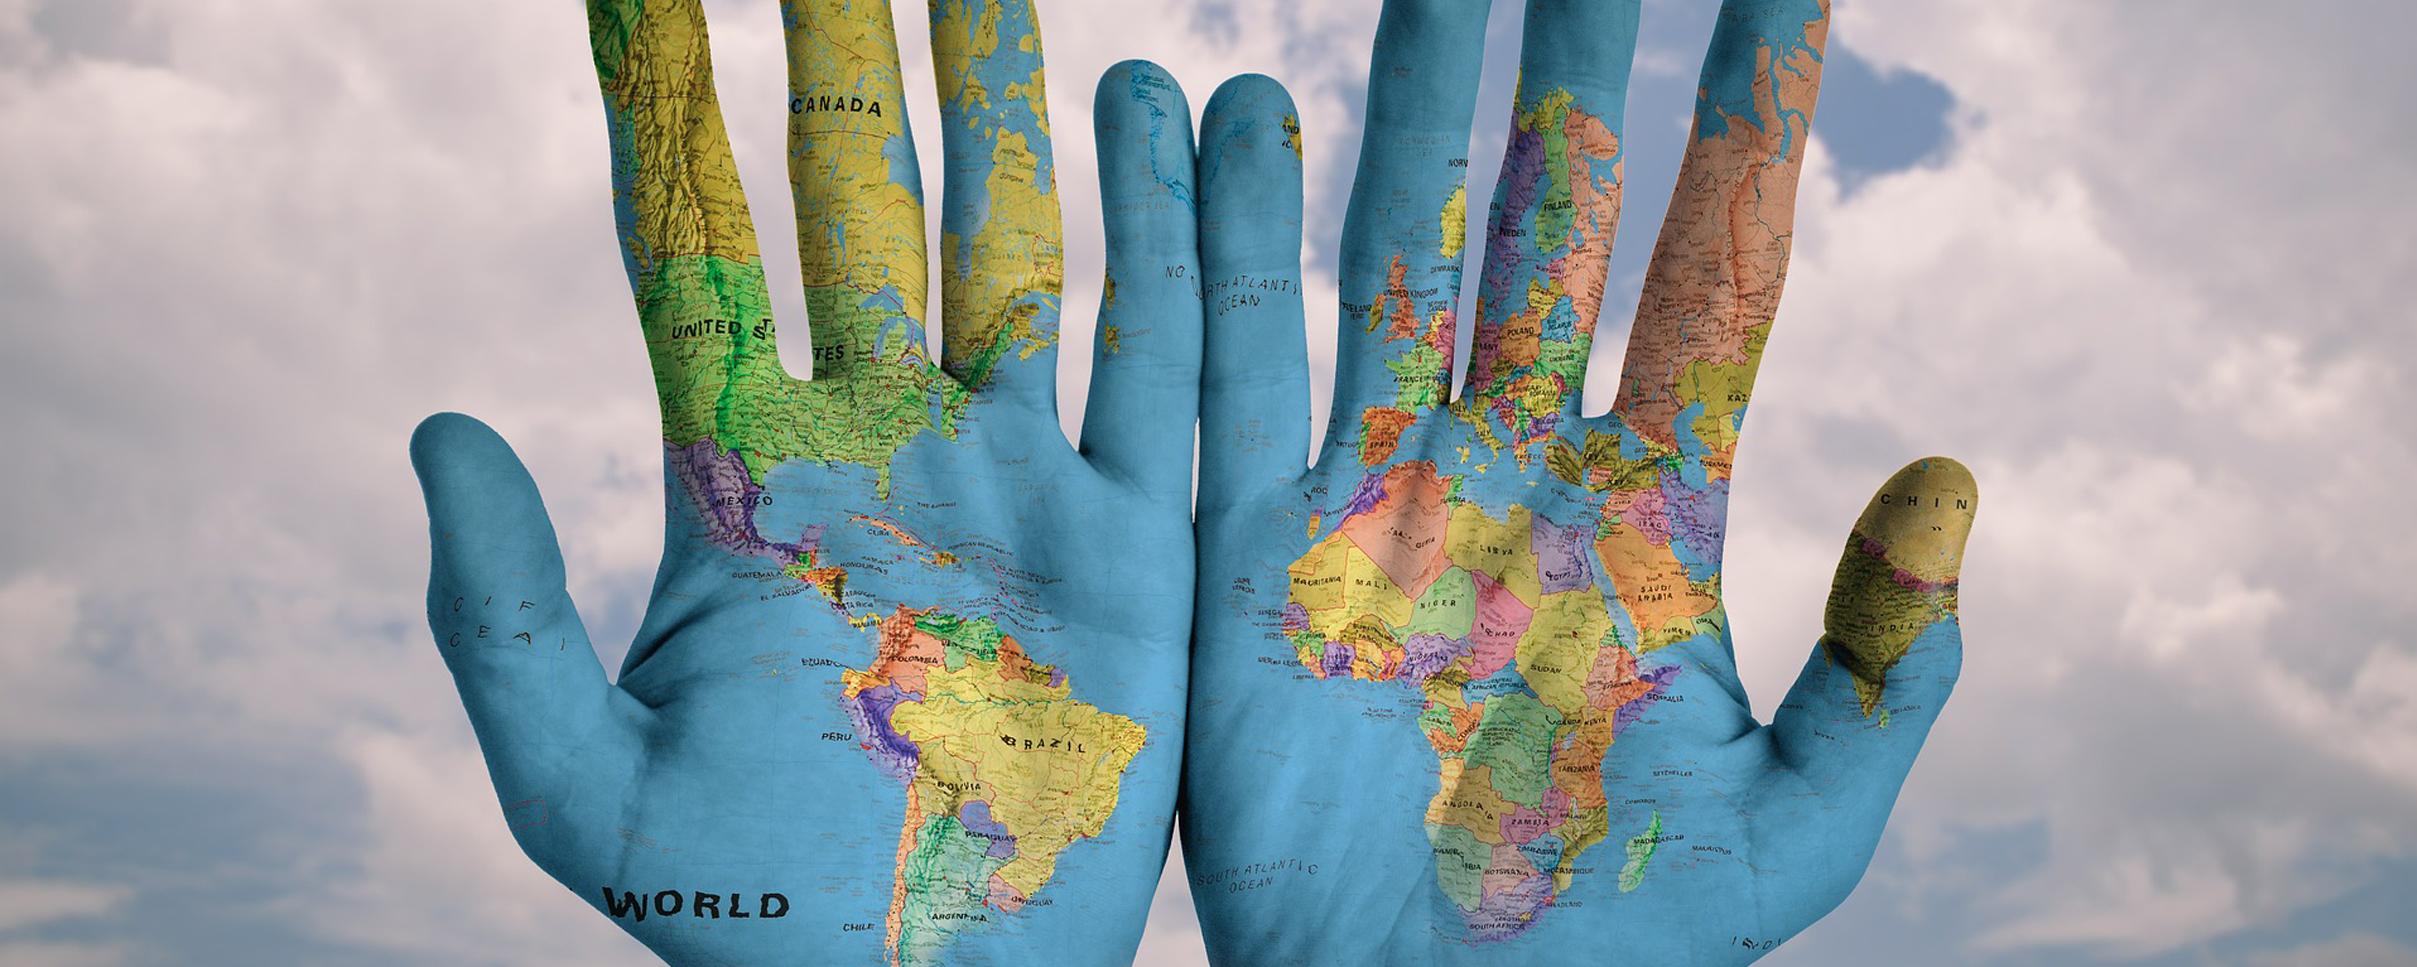 Globaler Wandel Welthand